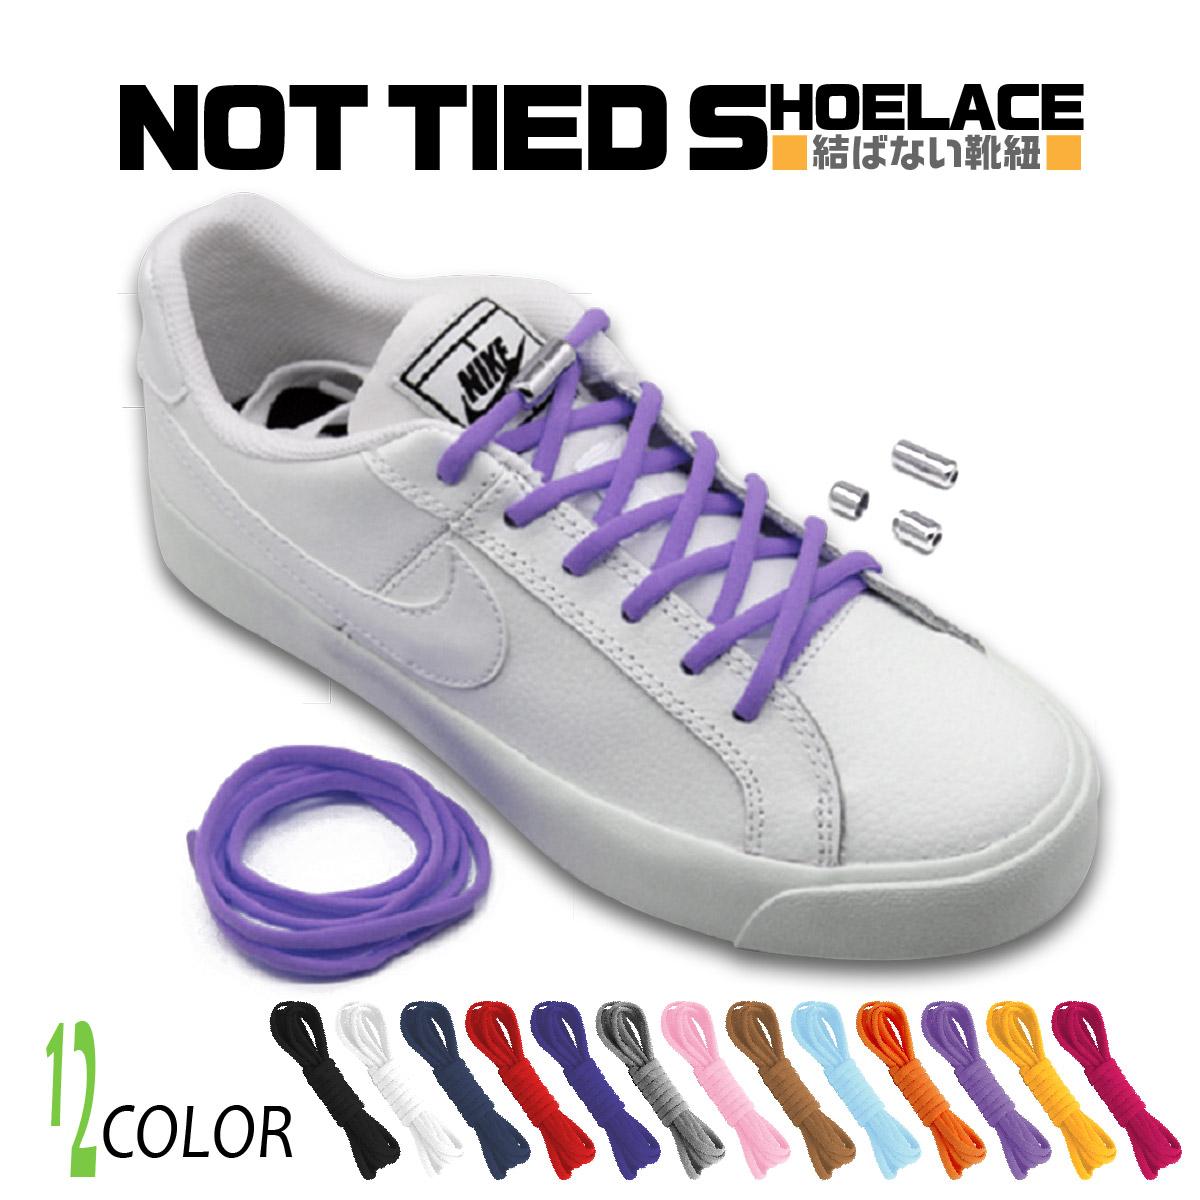 結んだり解いたりする手間が省けるシューレース 送料無料 結ばない靴紐 シューレース 靴ひも ゴム 子供 キッズ 大人 ランキング総合1位 レディース 割引 伸縮 メンズ スニーカー